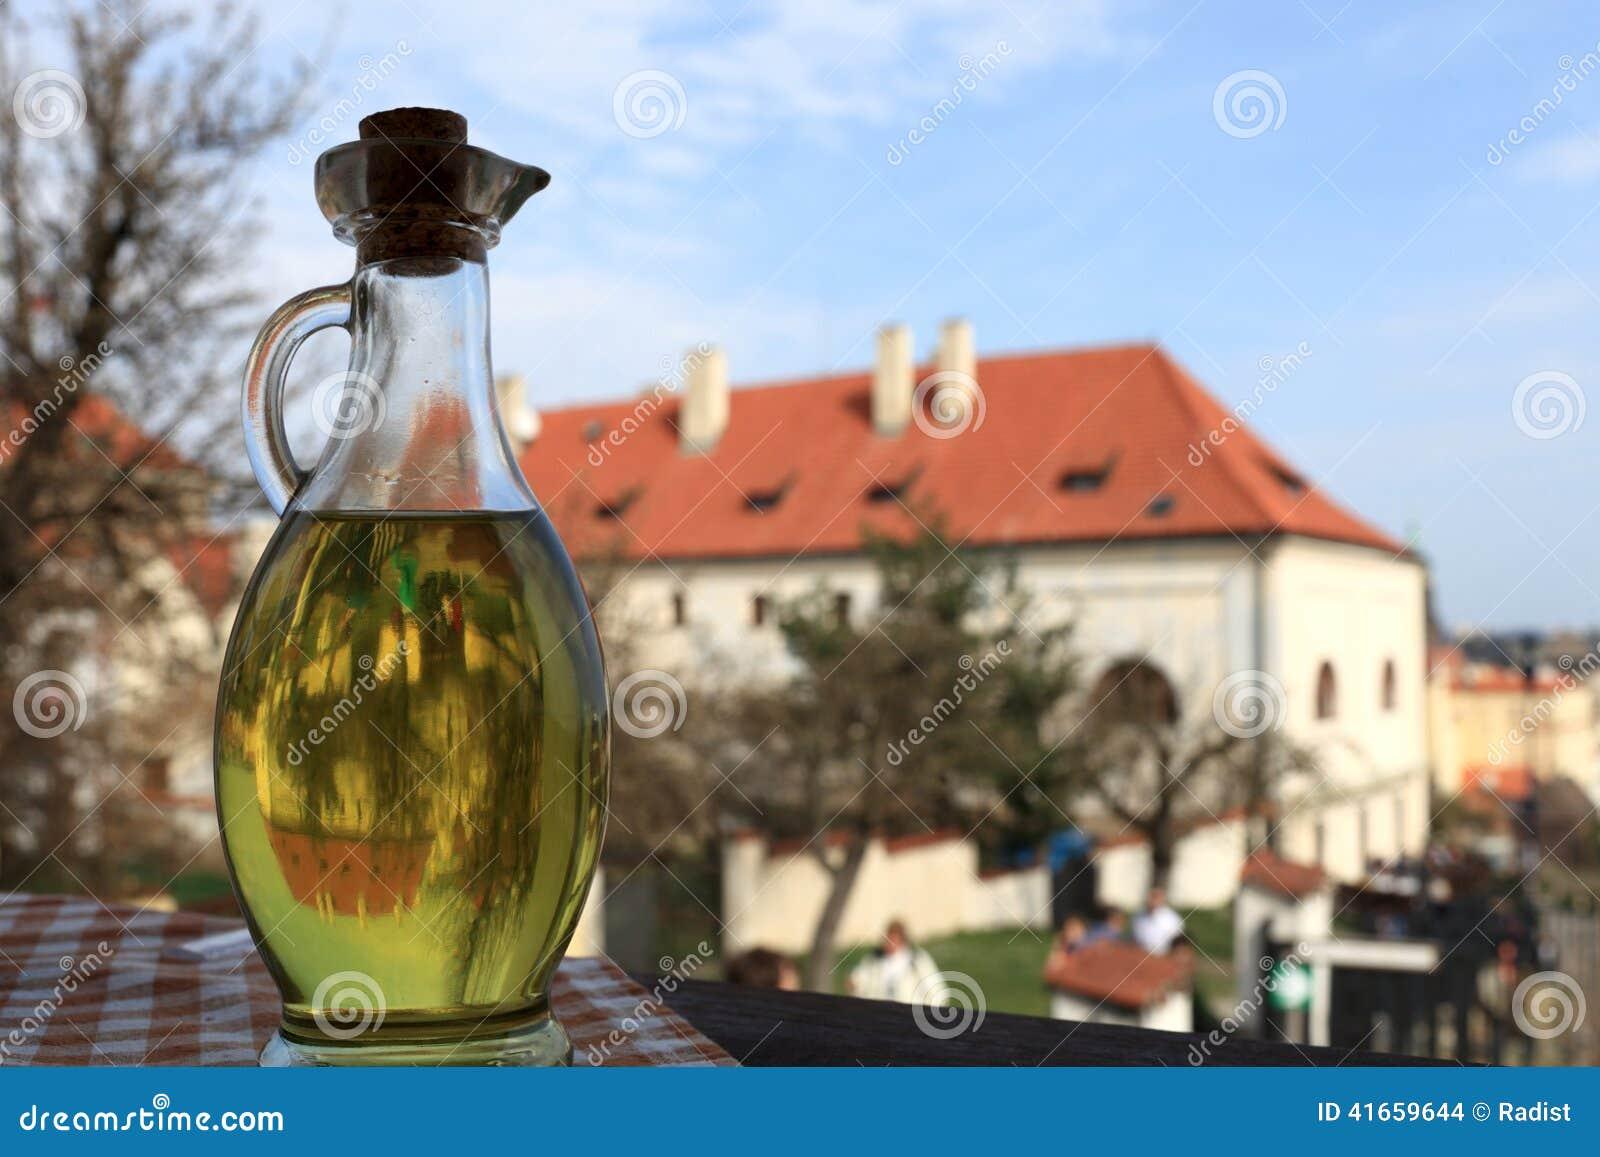 Carafe оливкового масла